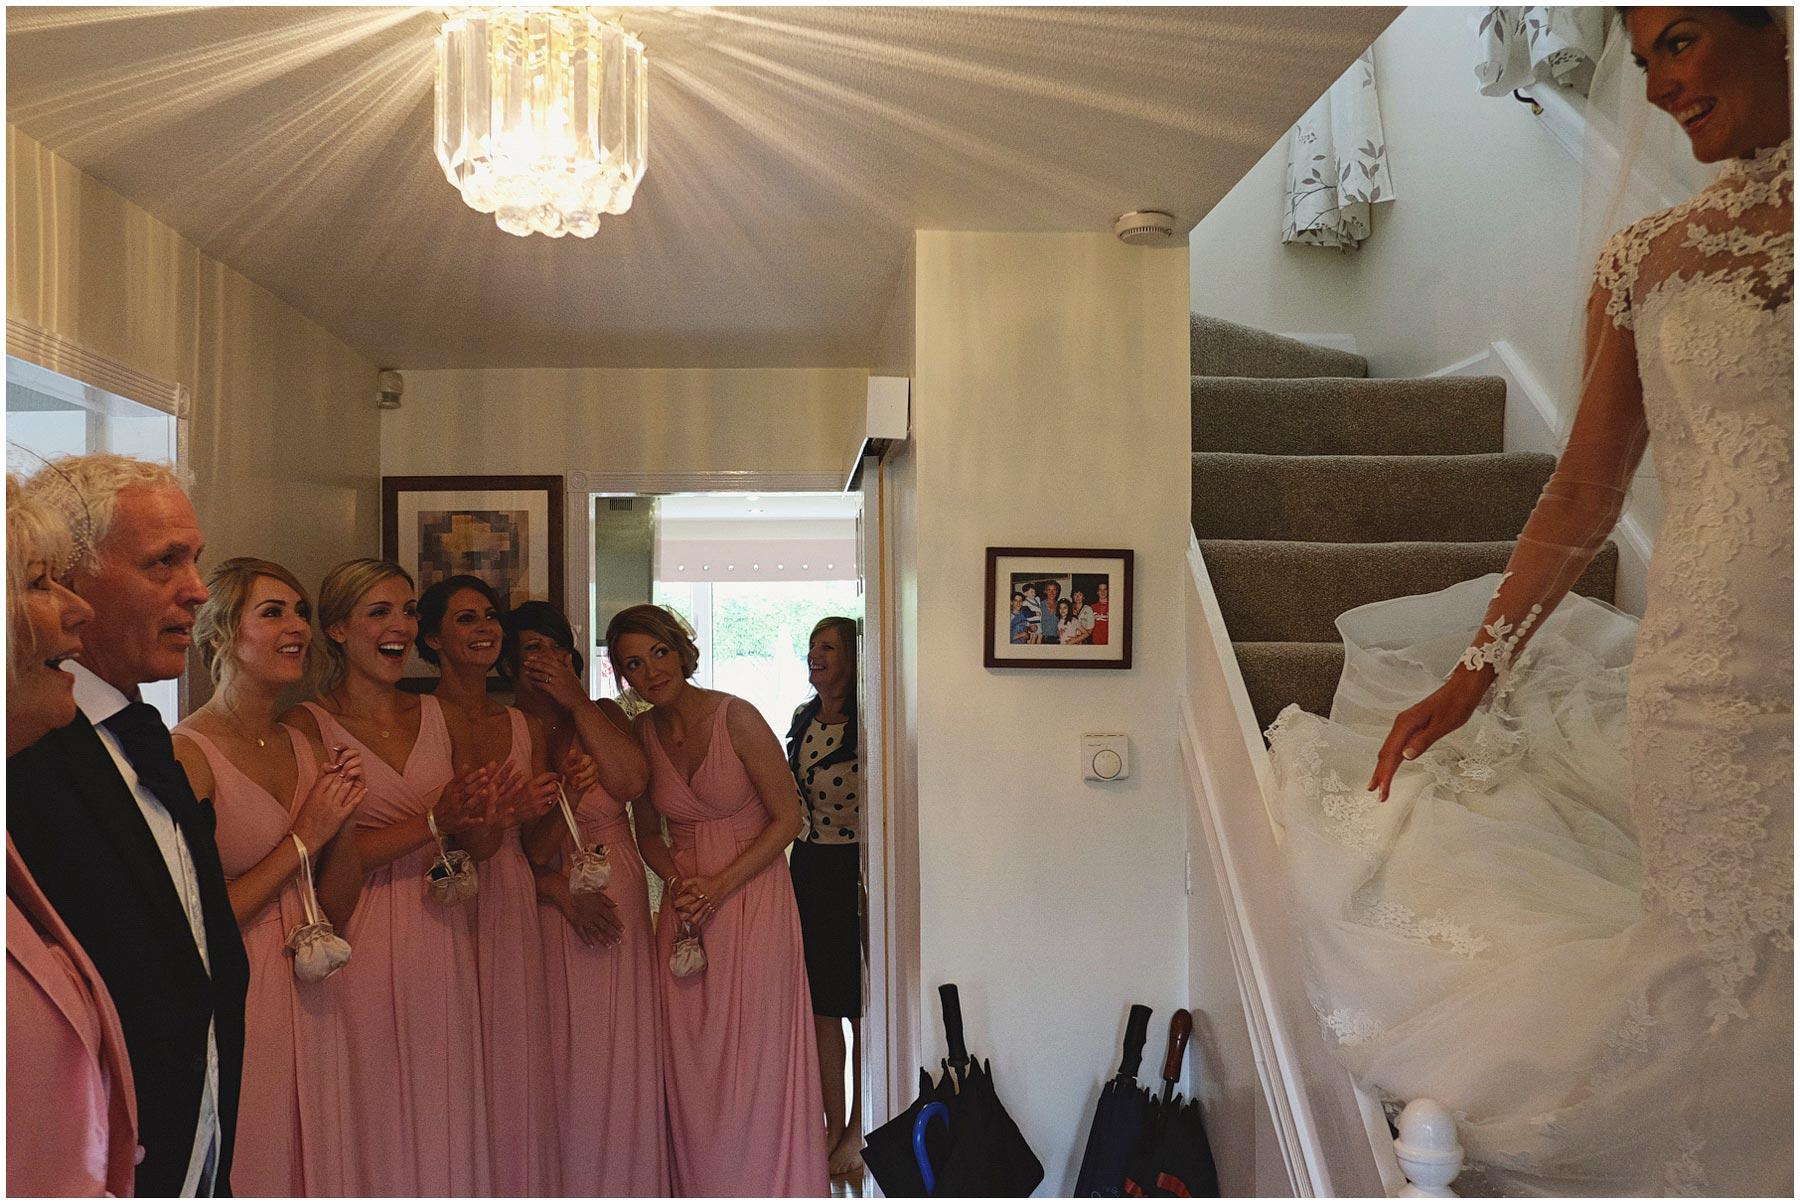 Wentbridge-House-Wedding-Photography-45